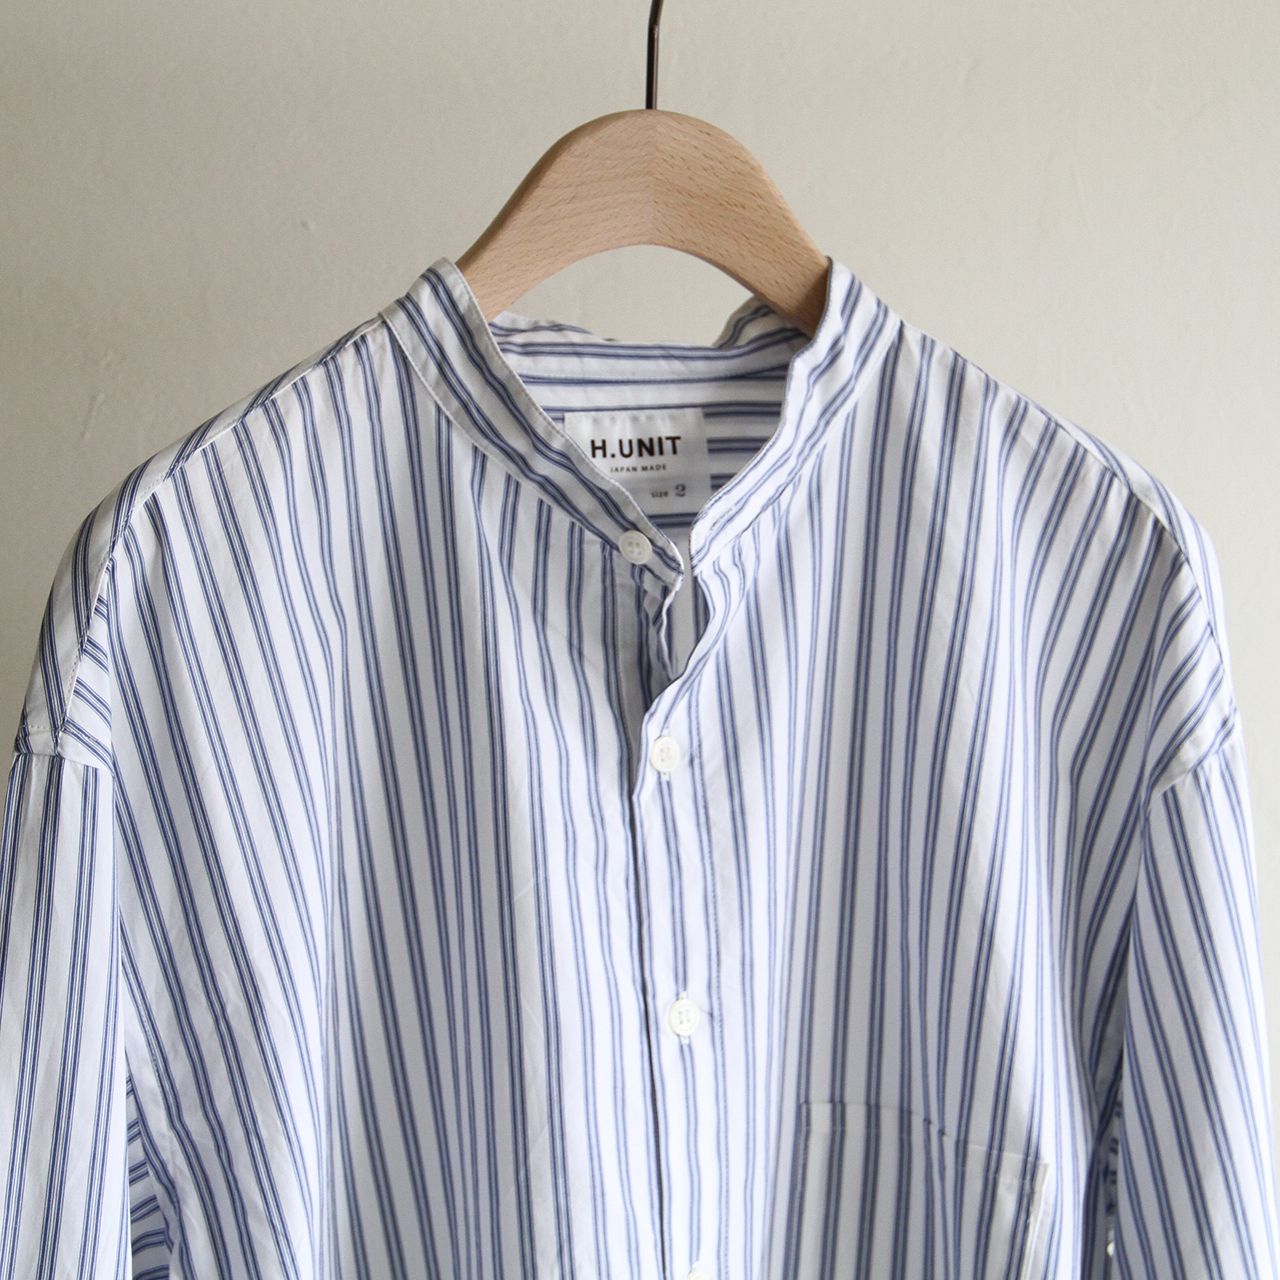 H.UNIT【 mens 】typewriter stripe shirts